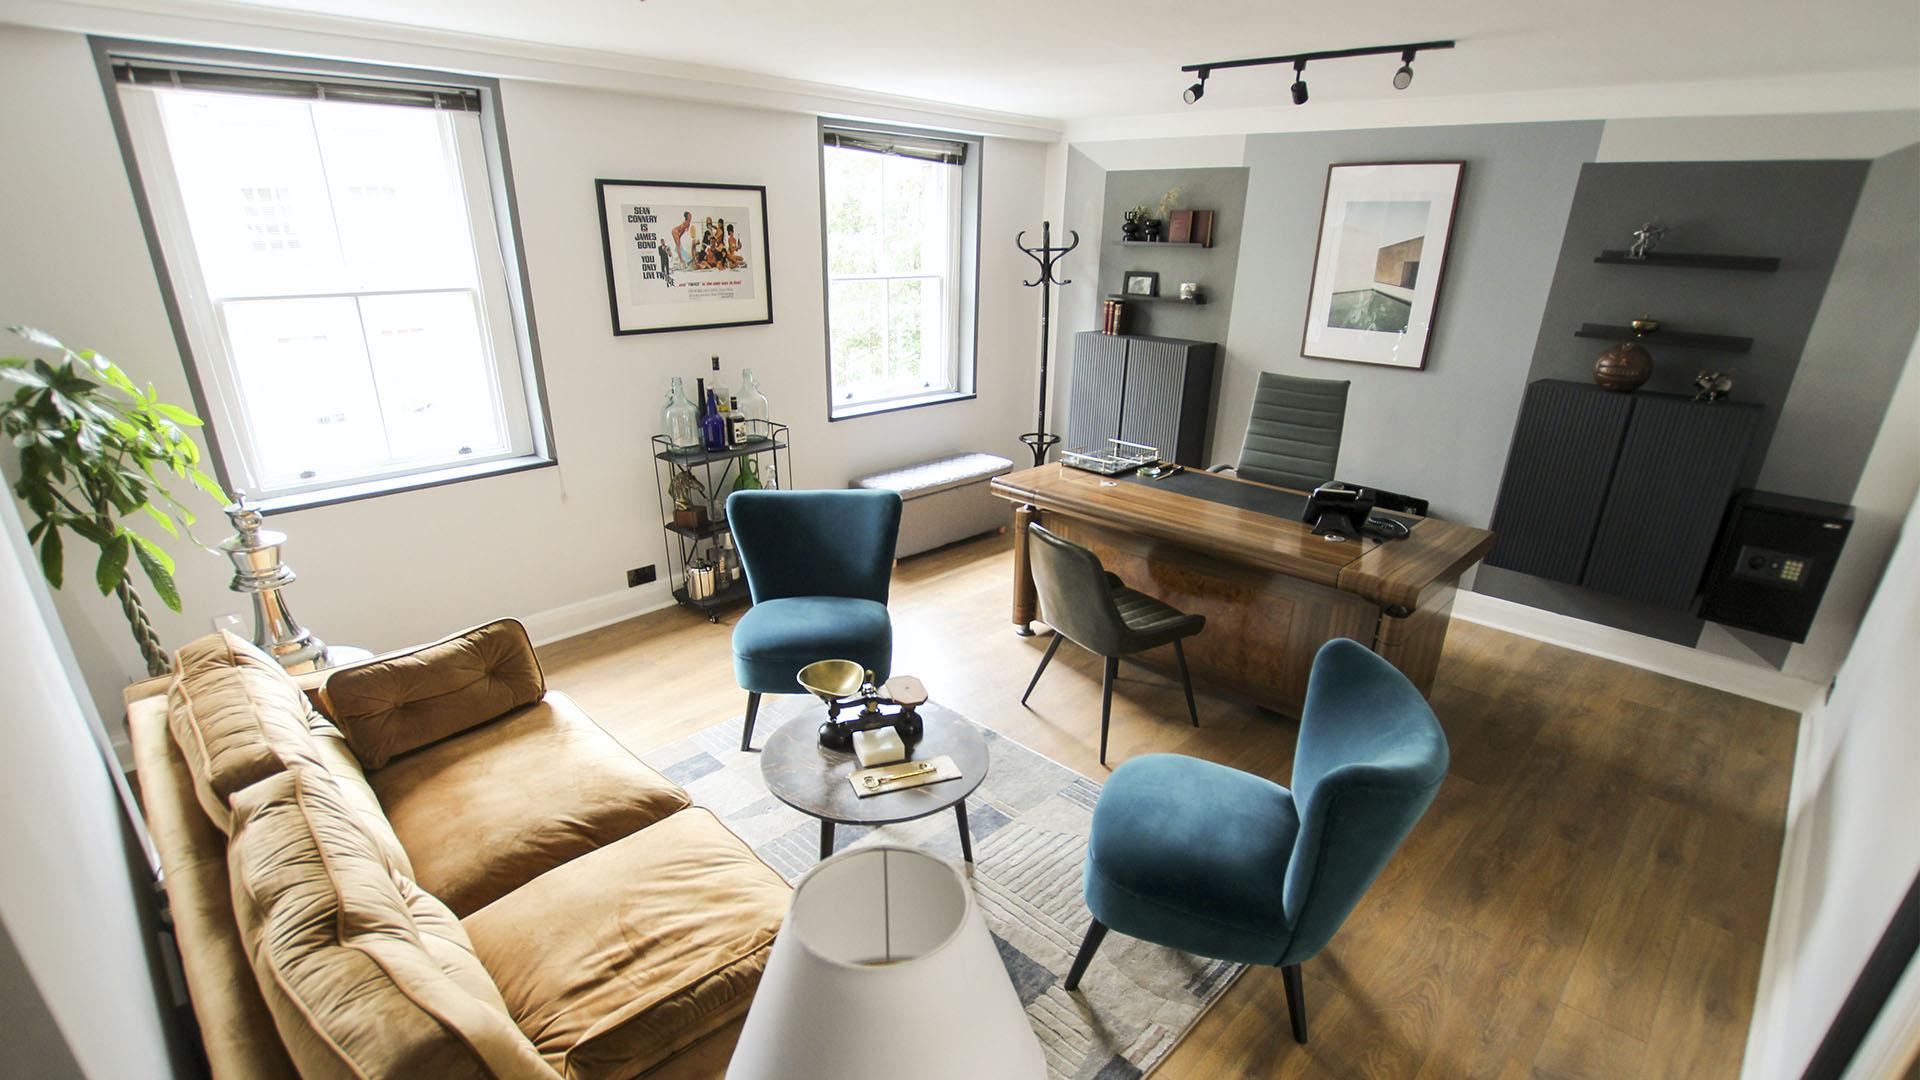 Home Office Divisão da casa utilizada para escritório com mesa, cadeiras, poltronas e sofá